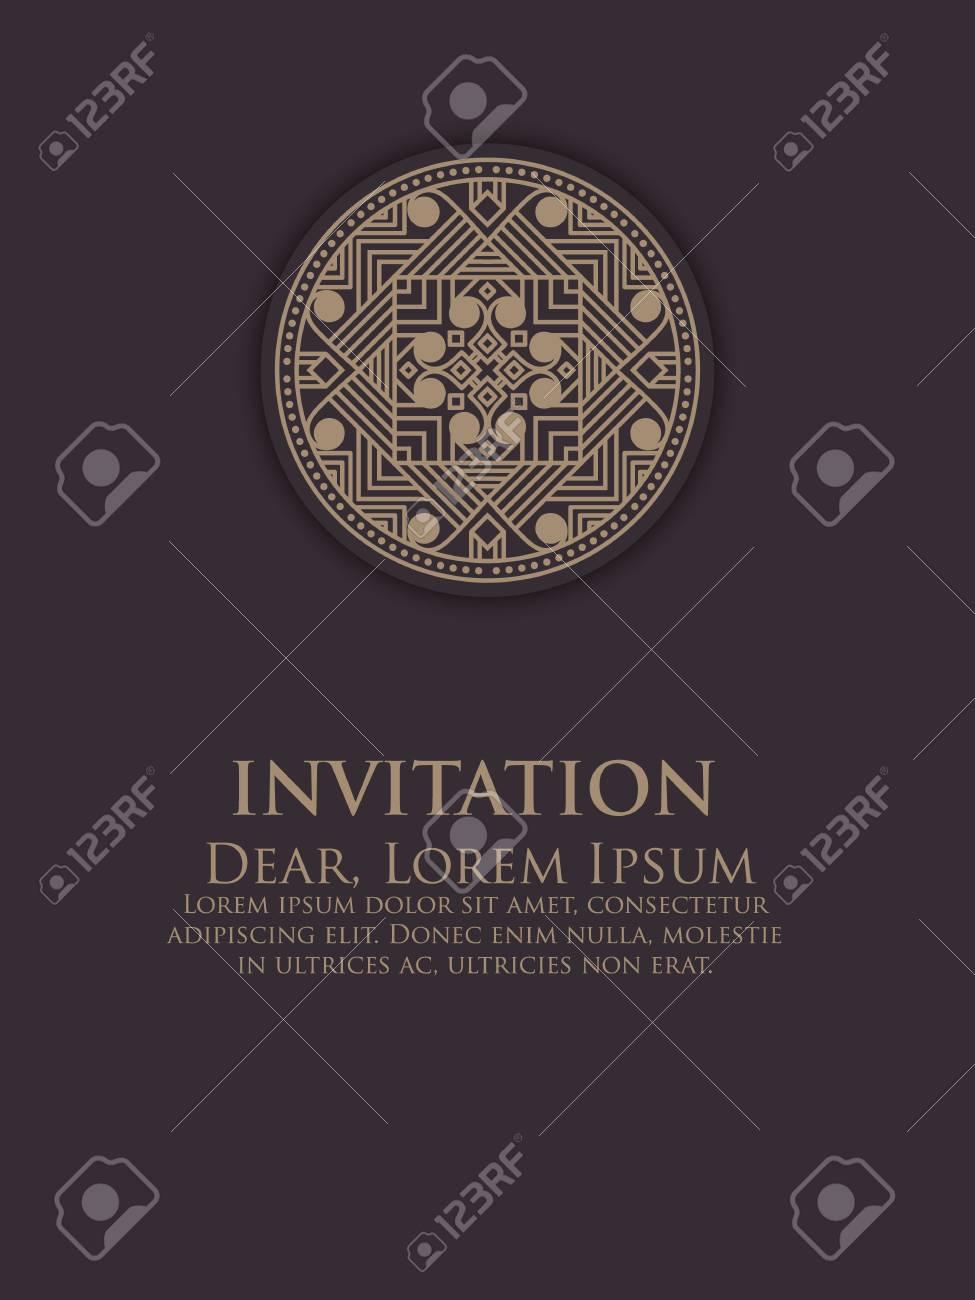 Invitation Cartes Avec Des Elements Arabesques Ethniques